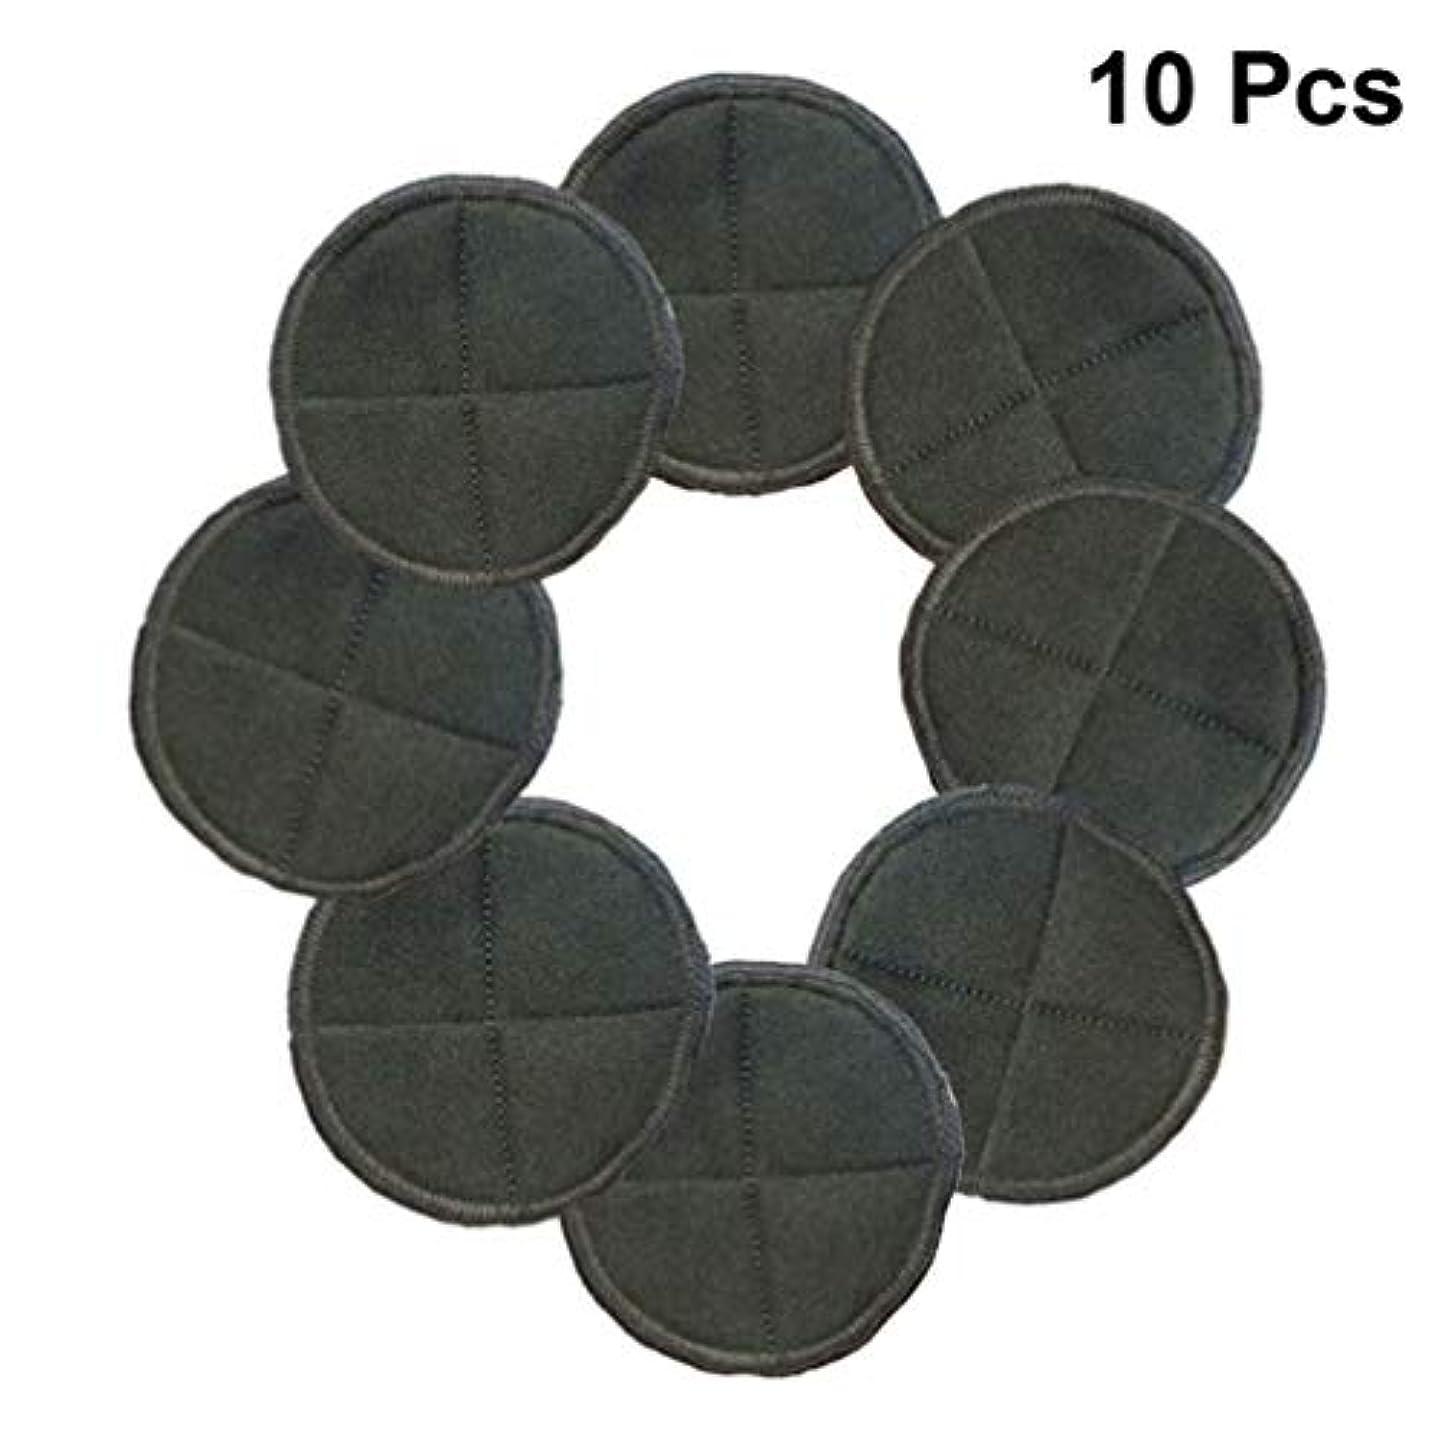 静かな午後古いSUPVOX 10ピース 化粧リムーバーパッド 3層 有機竹炭 素繊維 顔クレンジングパッド 洗浄 布パッド アイメイク 用削除フェイスワイプ 8センチ